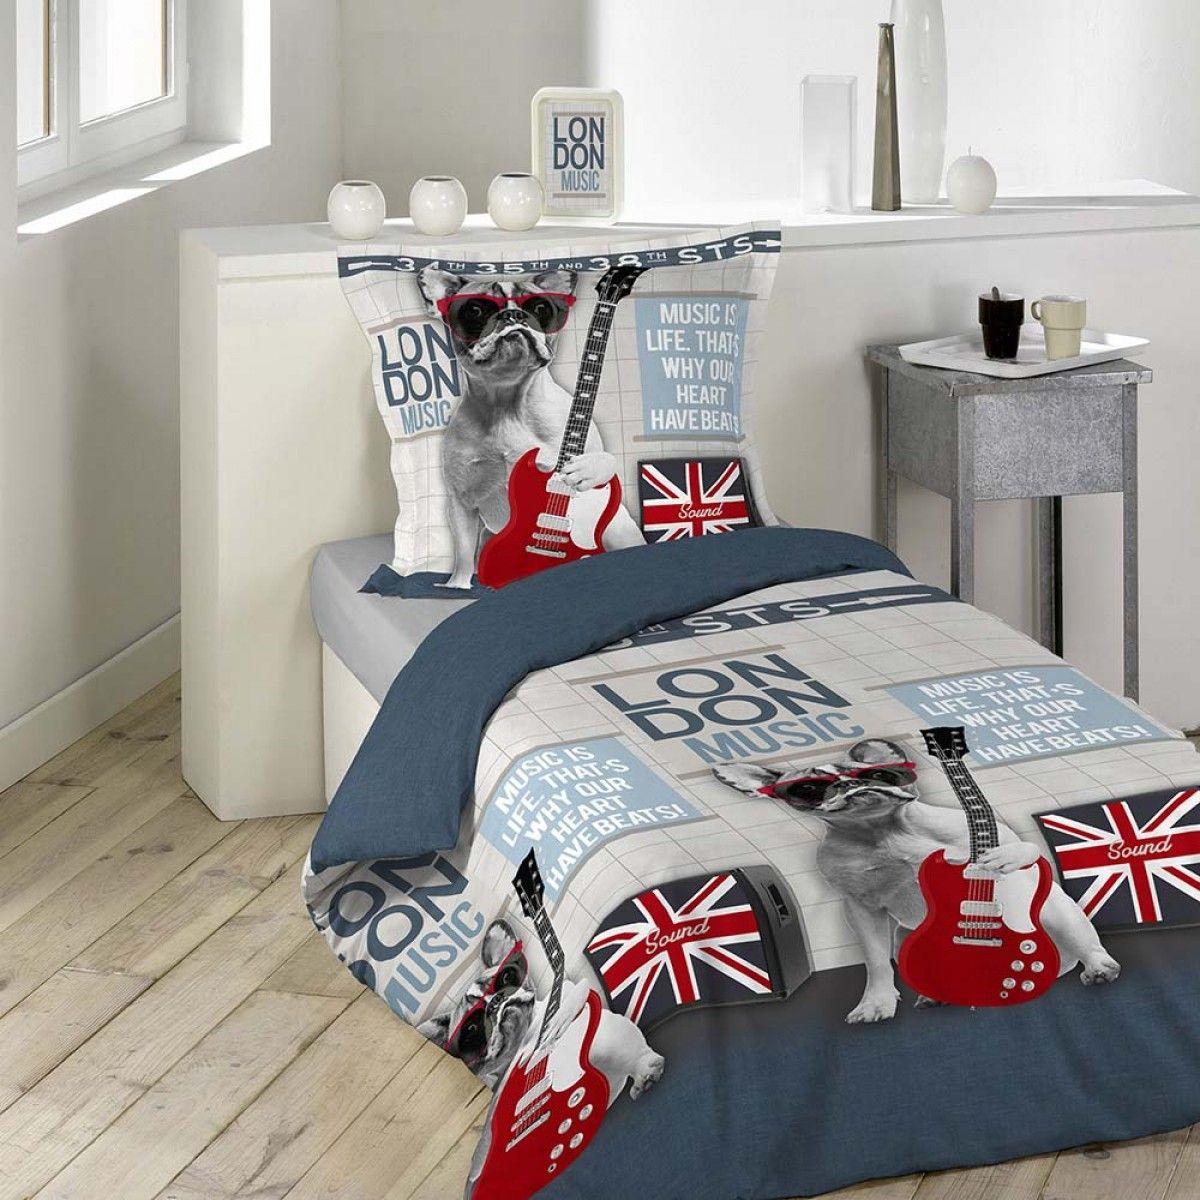 Housse De Couette City Dog 140x200cm 100 Coton Comforter Sets Bed Bedroom Decor